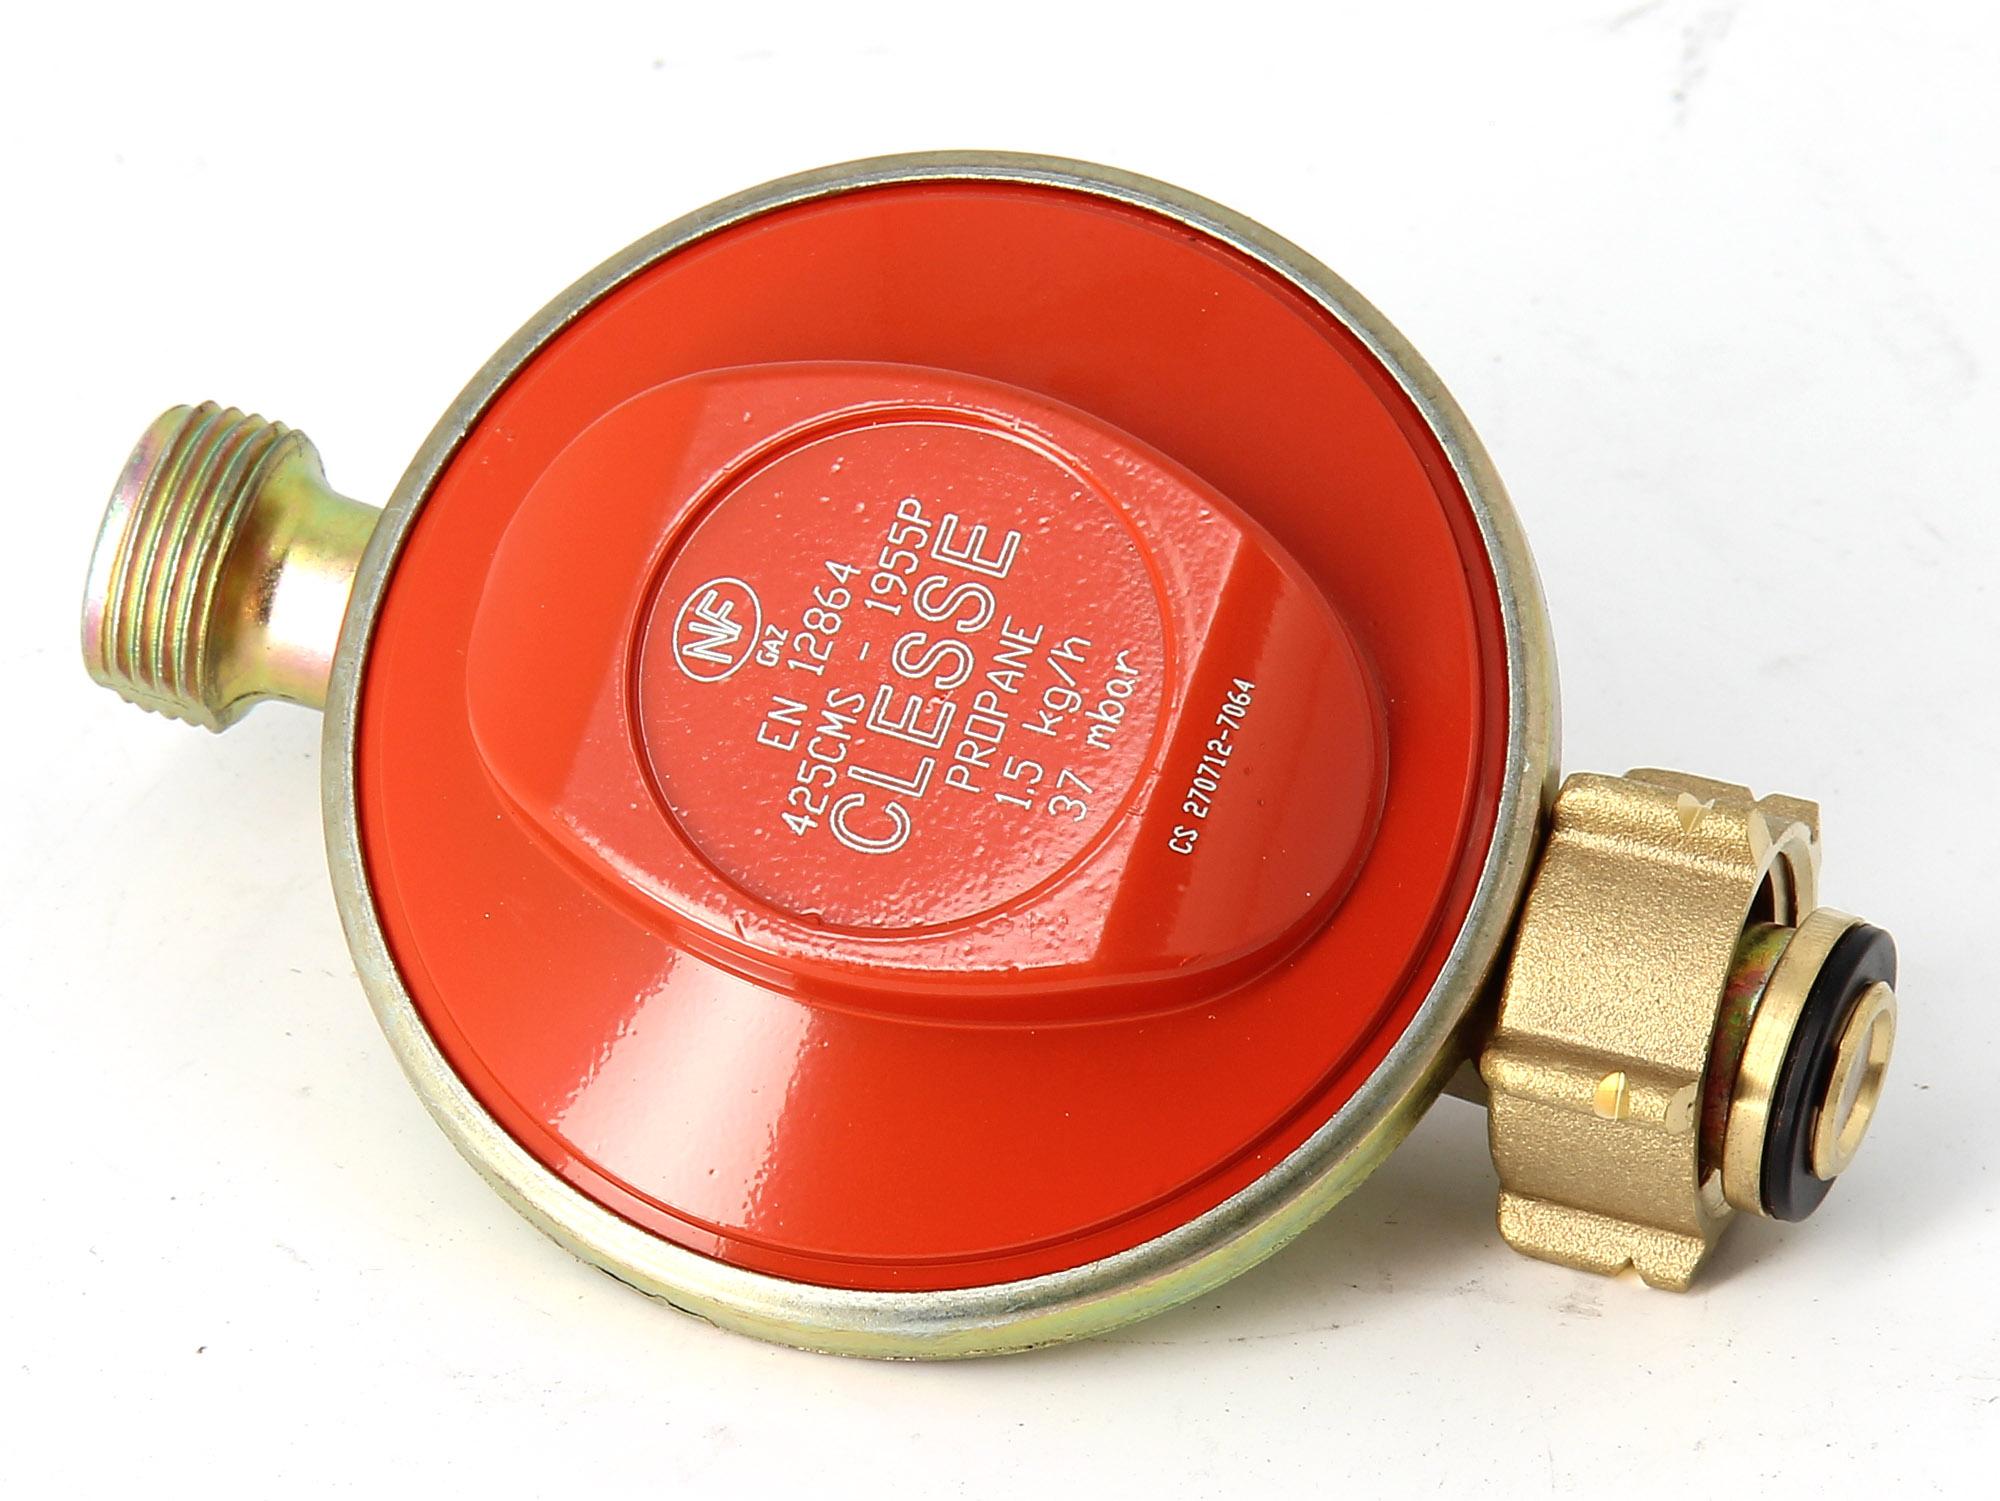 detendeur gaz propane 20 kg h 37 mbar 1 5 bar reglage fixe pour cha. Black Bedroom Furniture Sets. Home Design Ideas